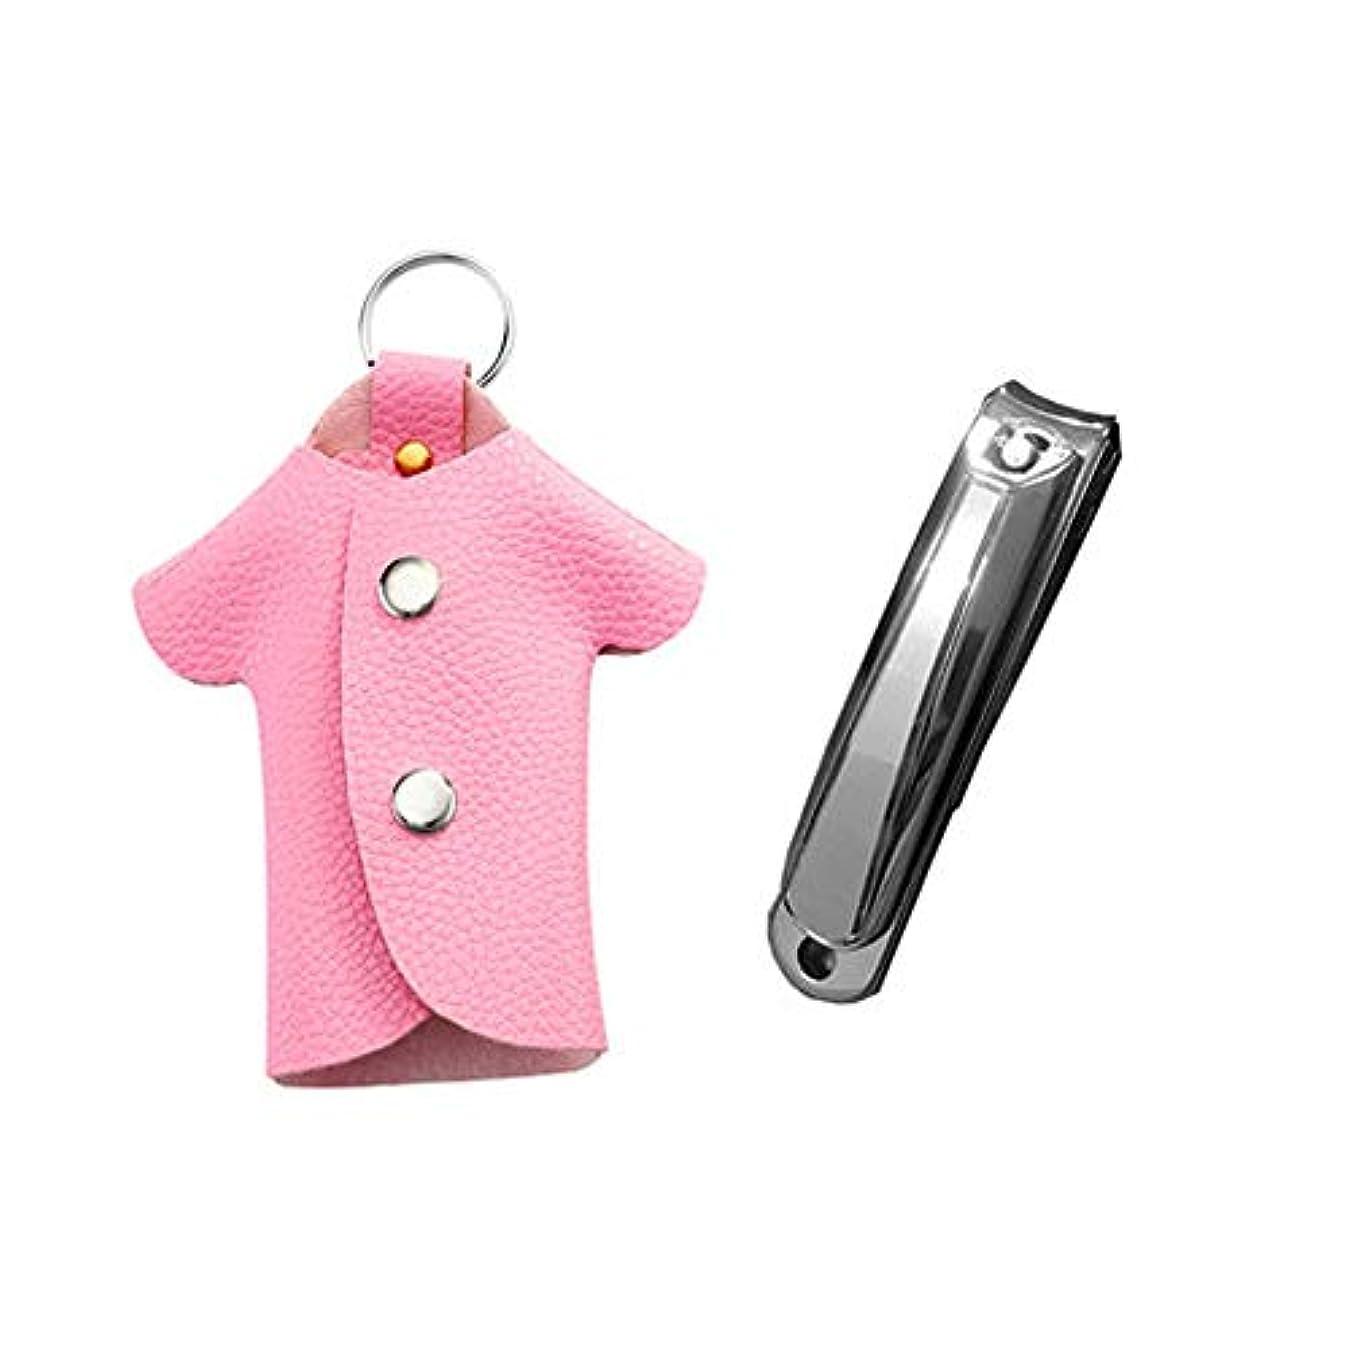 現金カタログプラットフォームかわいい爪切りクリエイティブ爪切り男女兼用爪切り、ピンク